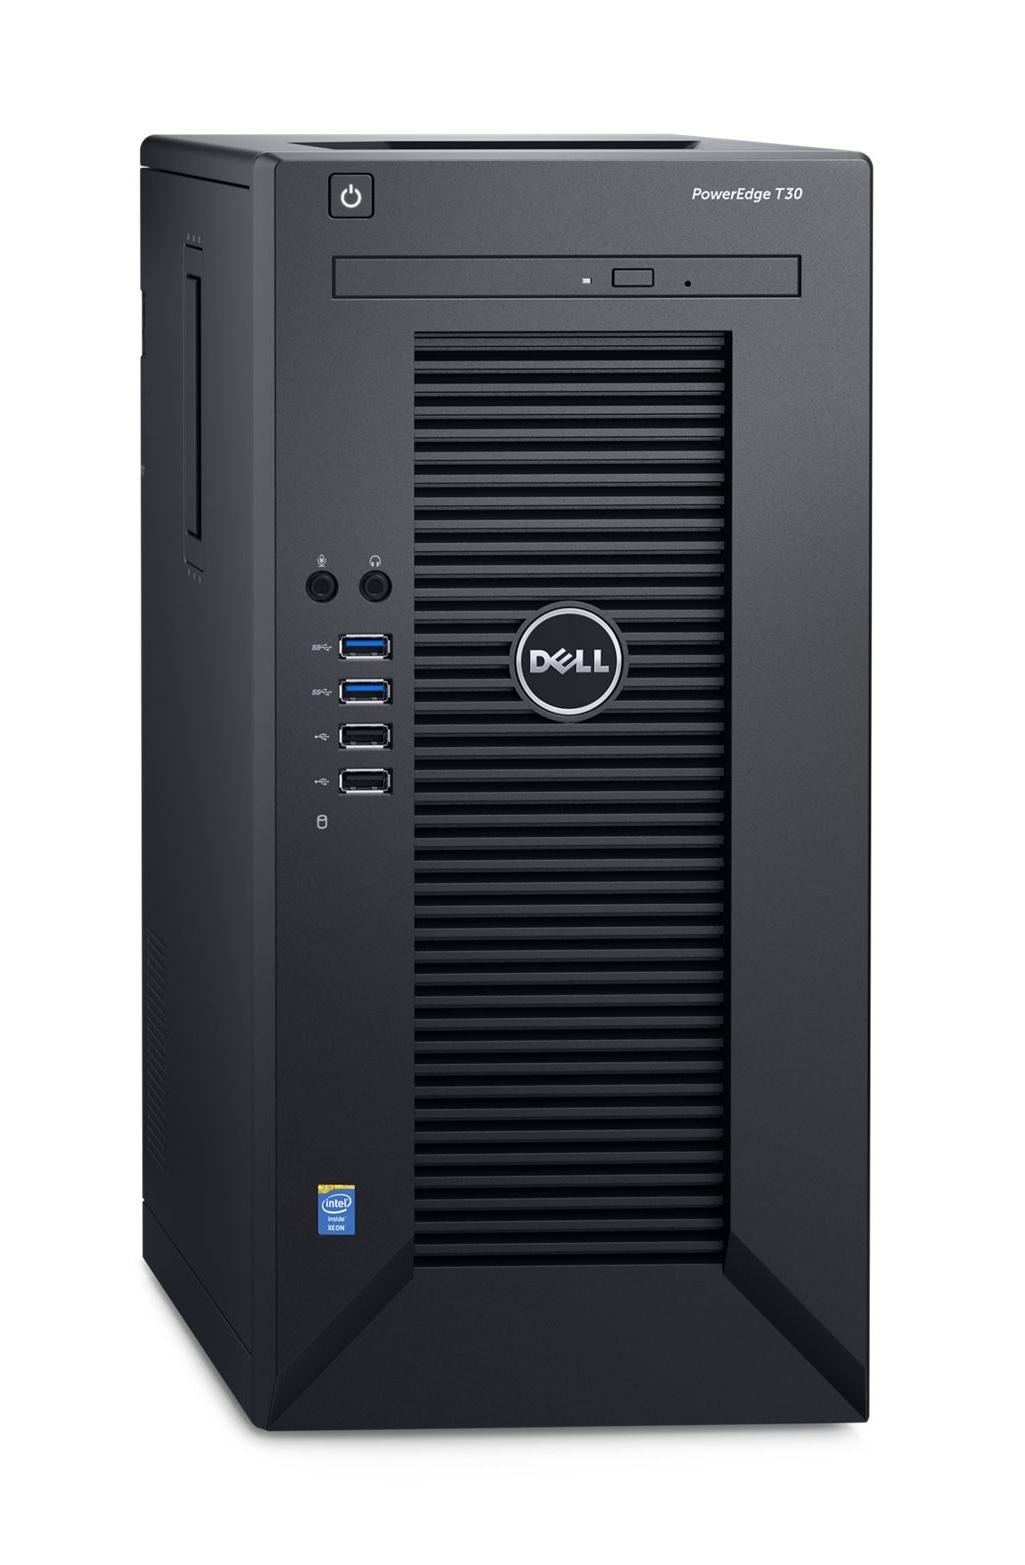 Dell PowerEdge T30 3.3GHz E3-1225V5 290W Mini Tower Server